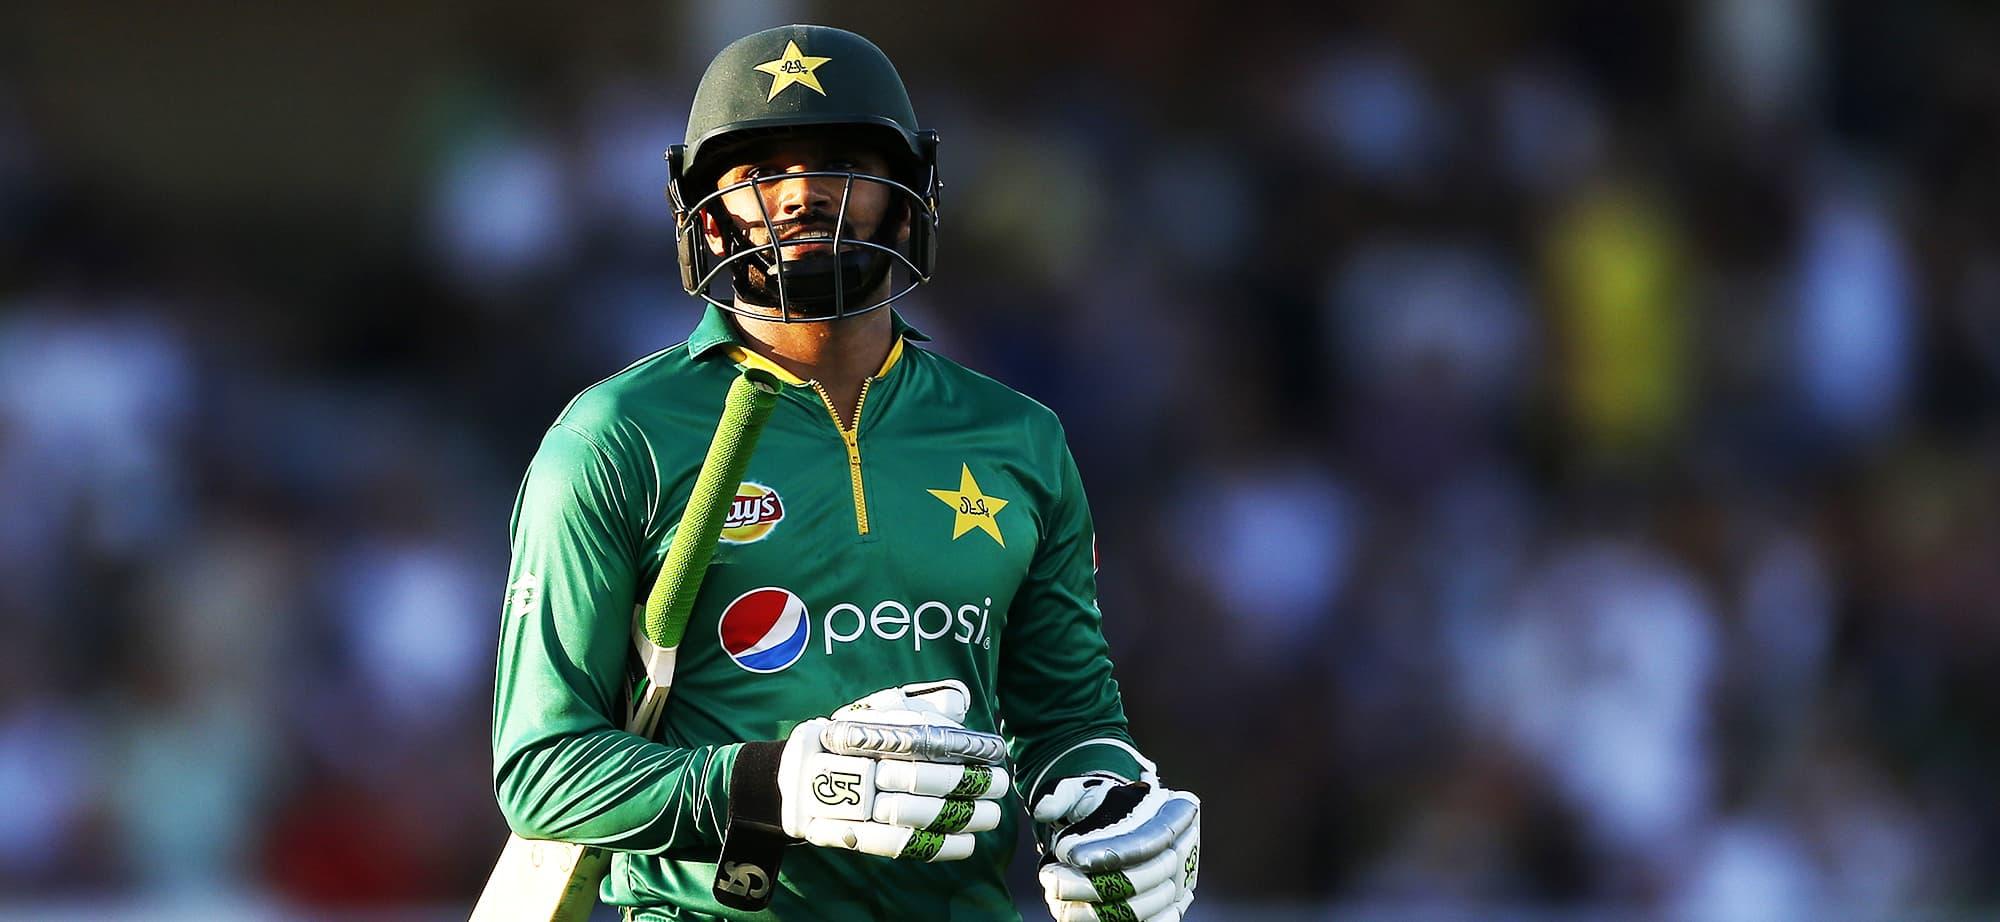 Cricket icon AB de Villiers surprises an emotional young fan